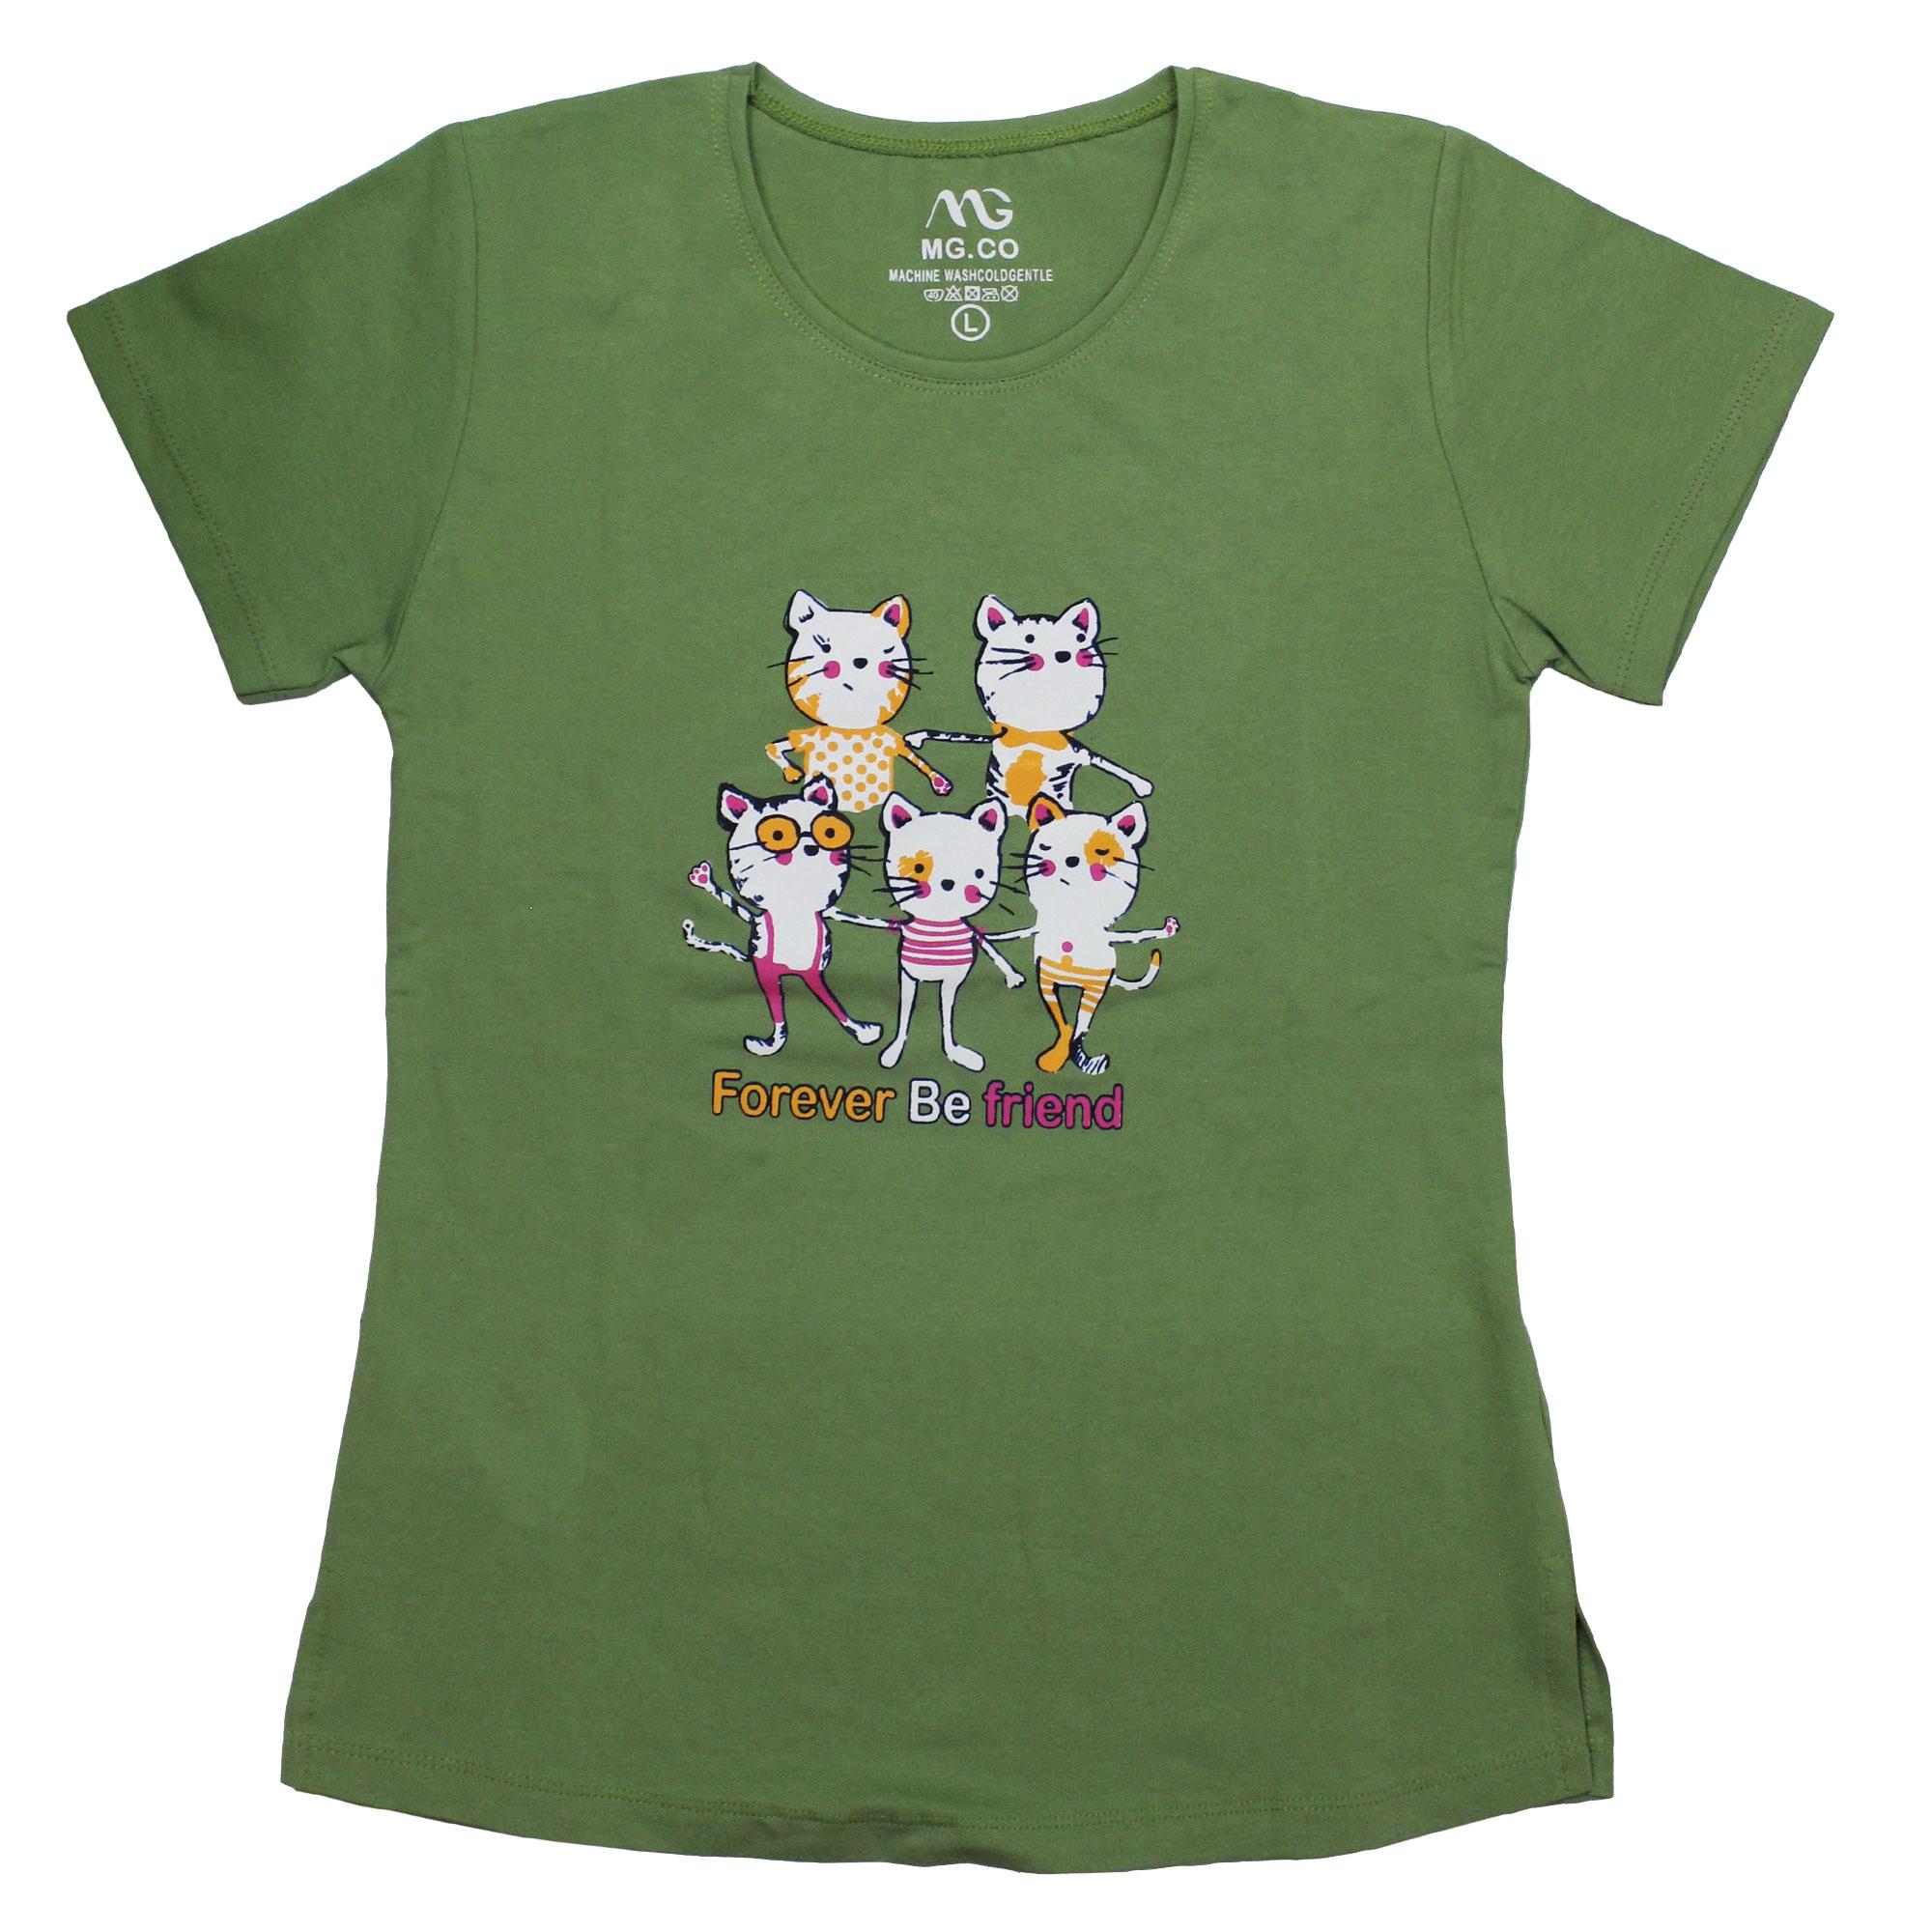 ست تی شرت و شلوار زنانه مدل FBFG 001 main 1 5